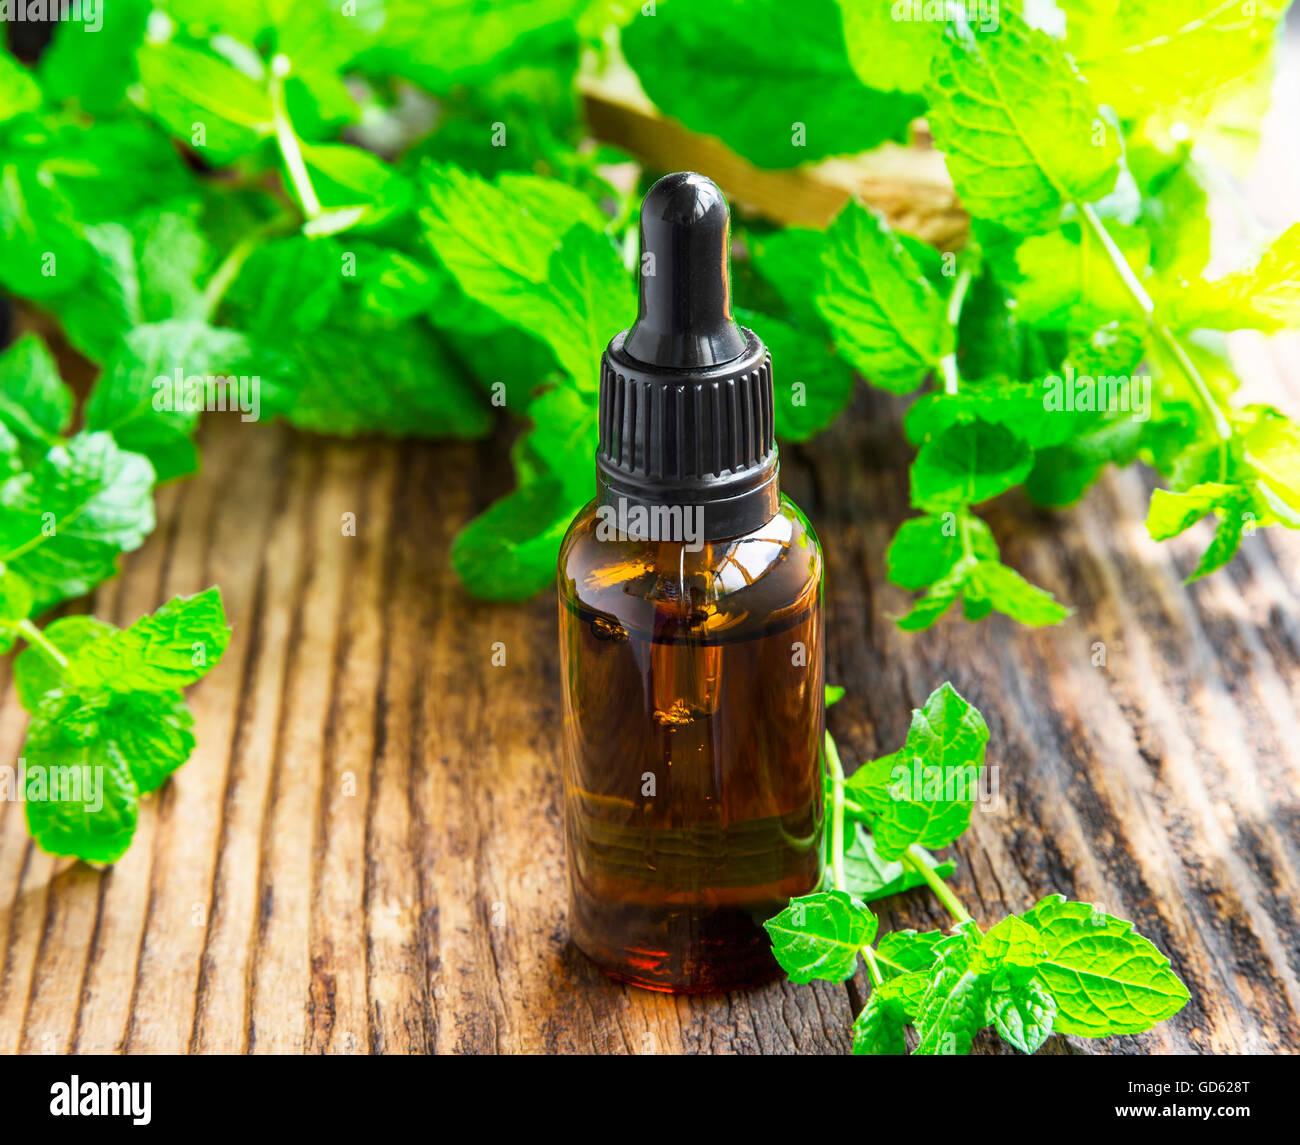 Essenza di menta/olio nella bottiglia di nero sulla tavola di legno con le foglie di menta pianta Immagini Stock